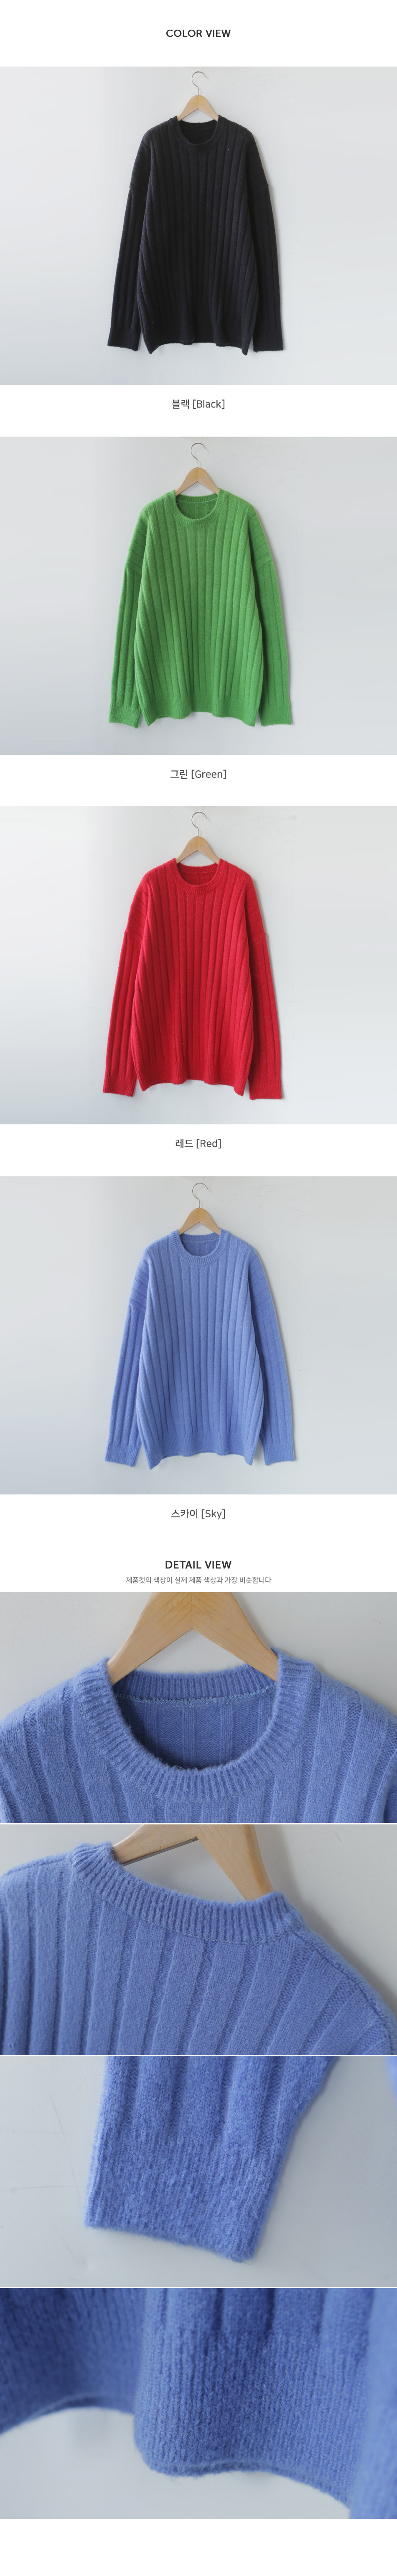 O'Brain Gorge Overfit Knitwear